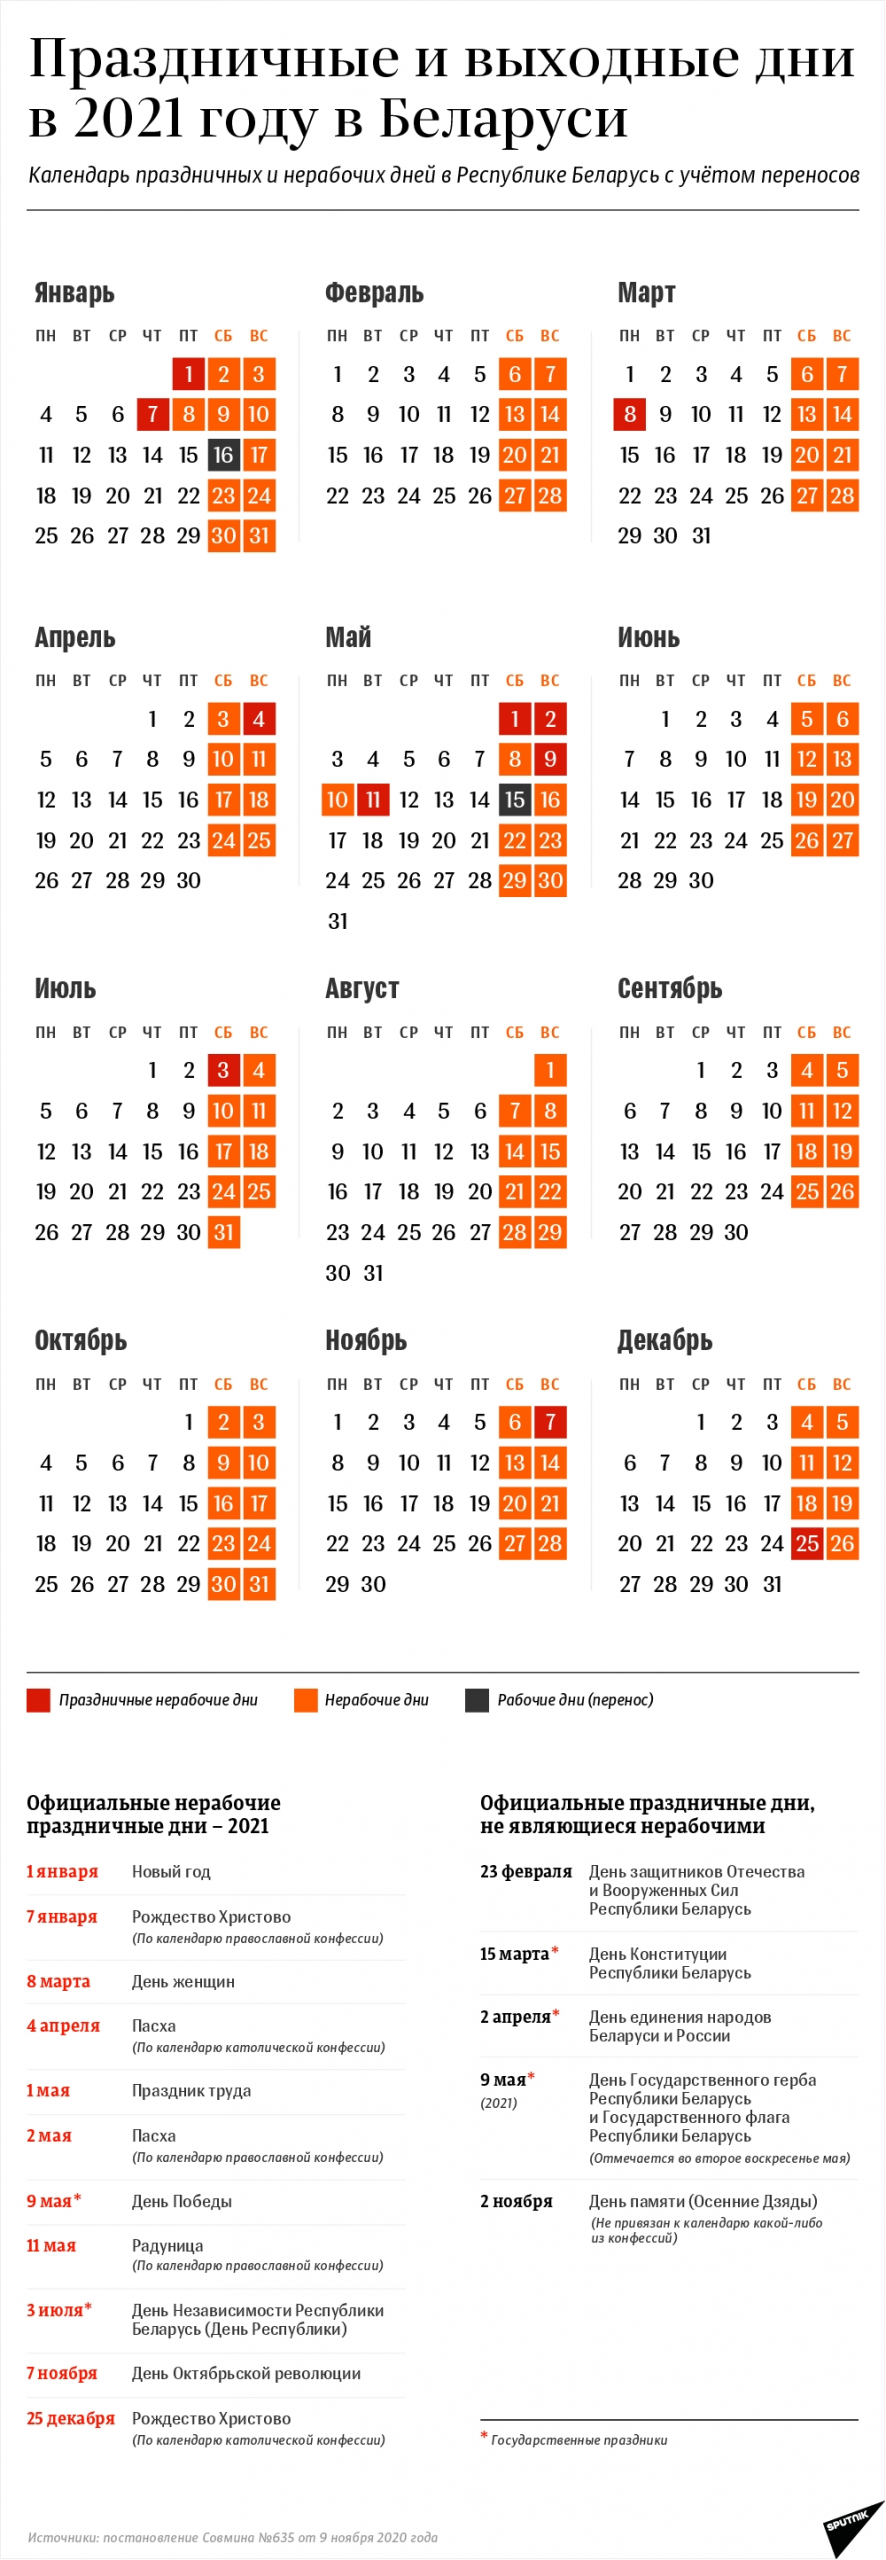 Календарь Выходных И Праздничных Дней В 2021 Году В Беларуси